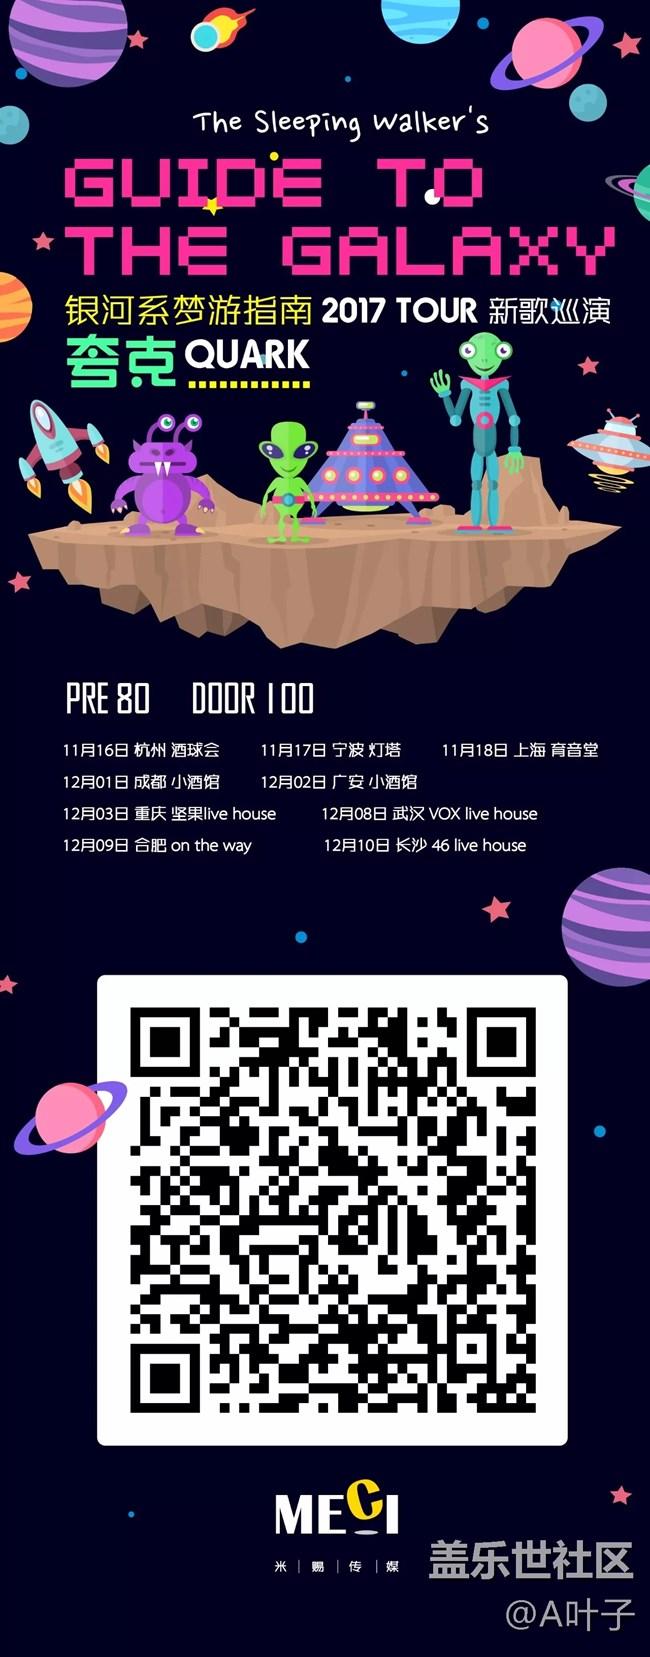 【夸克-梦游银河系指南巡演】12月9号合肥站 等你一起